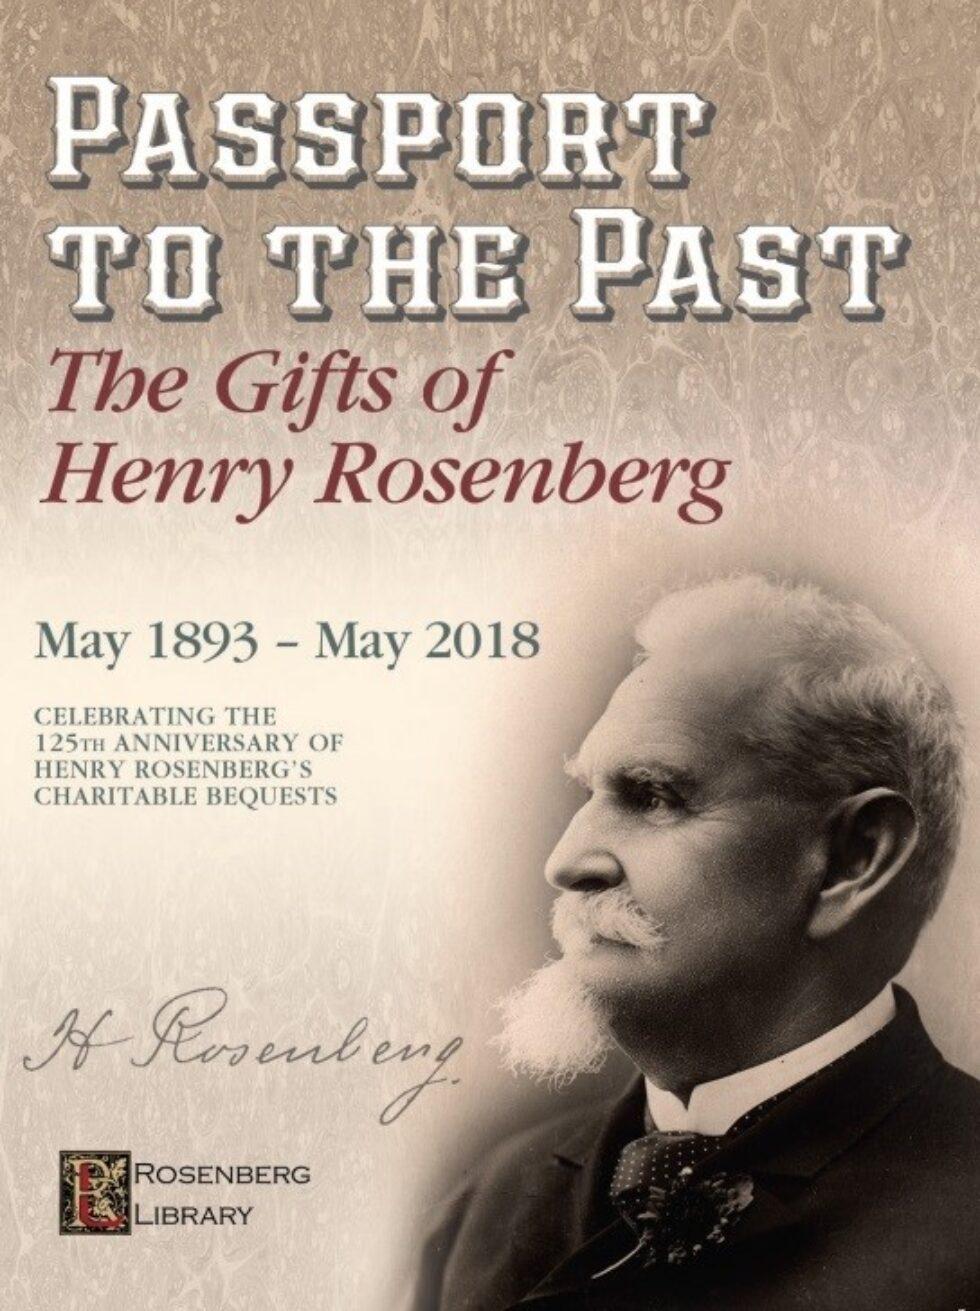 The Gifts of Henry Rosenberg